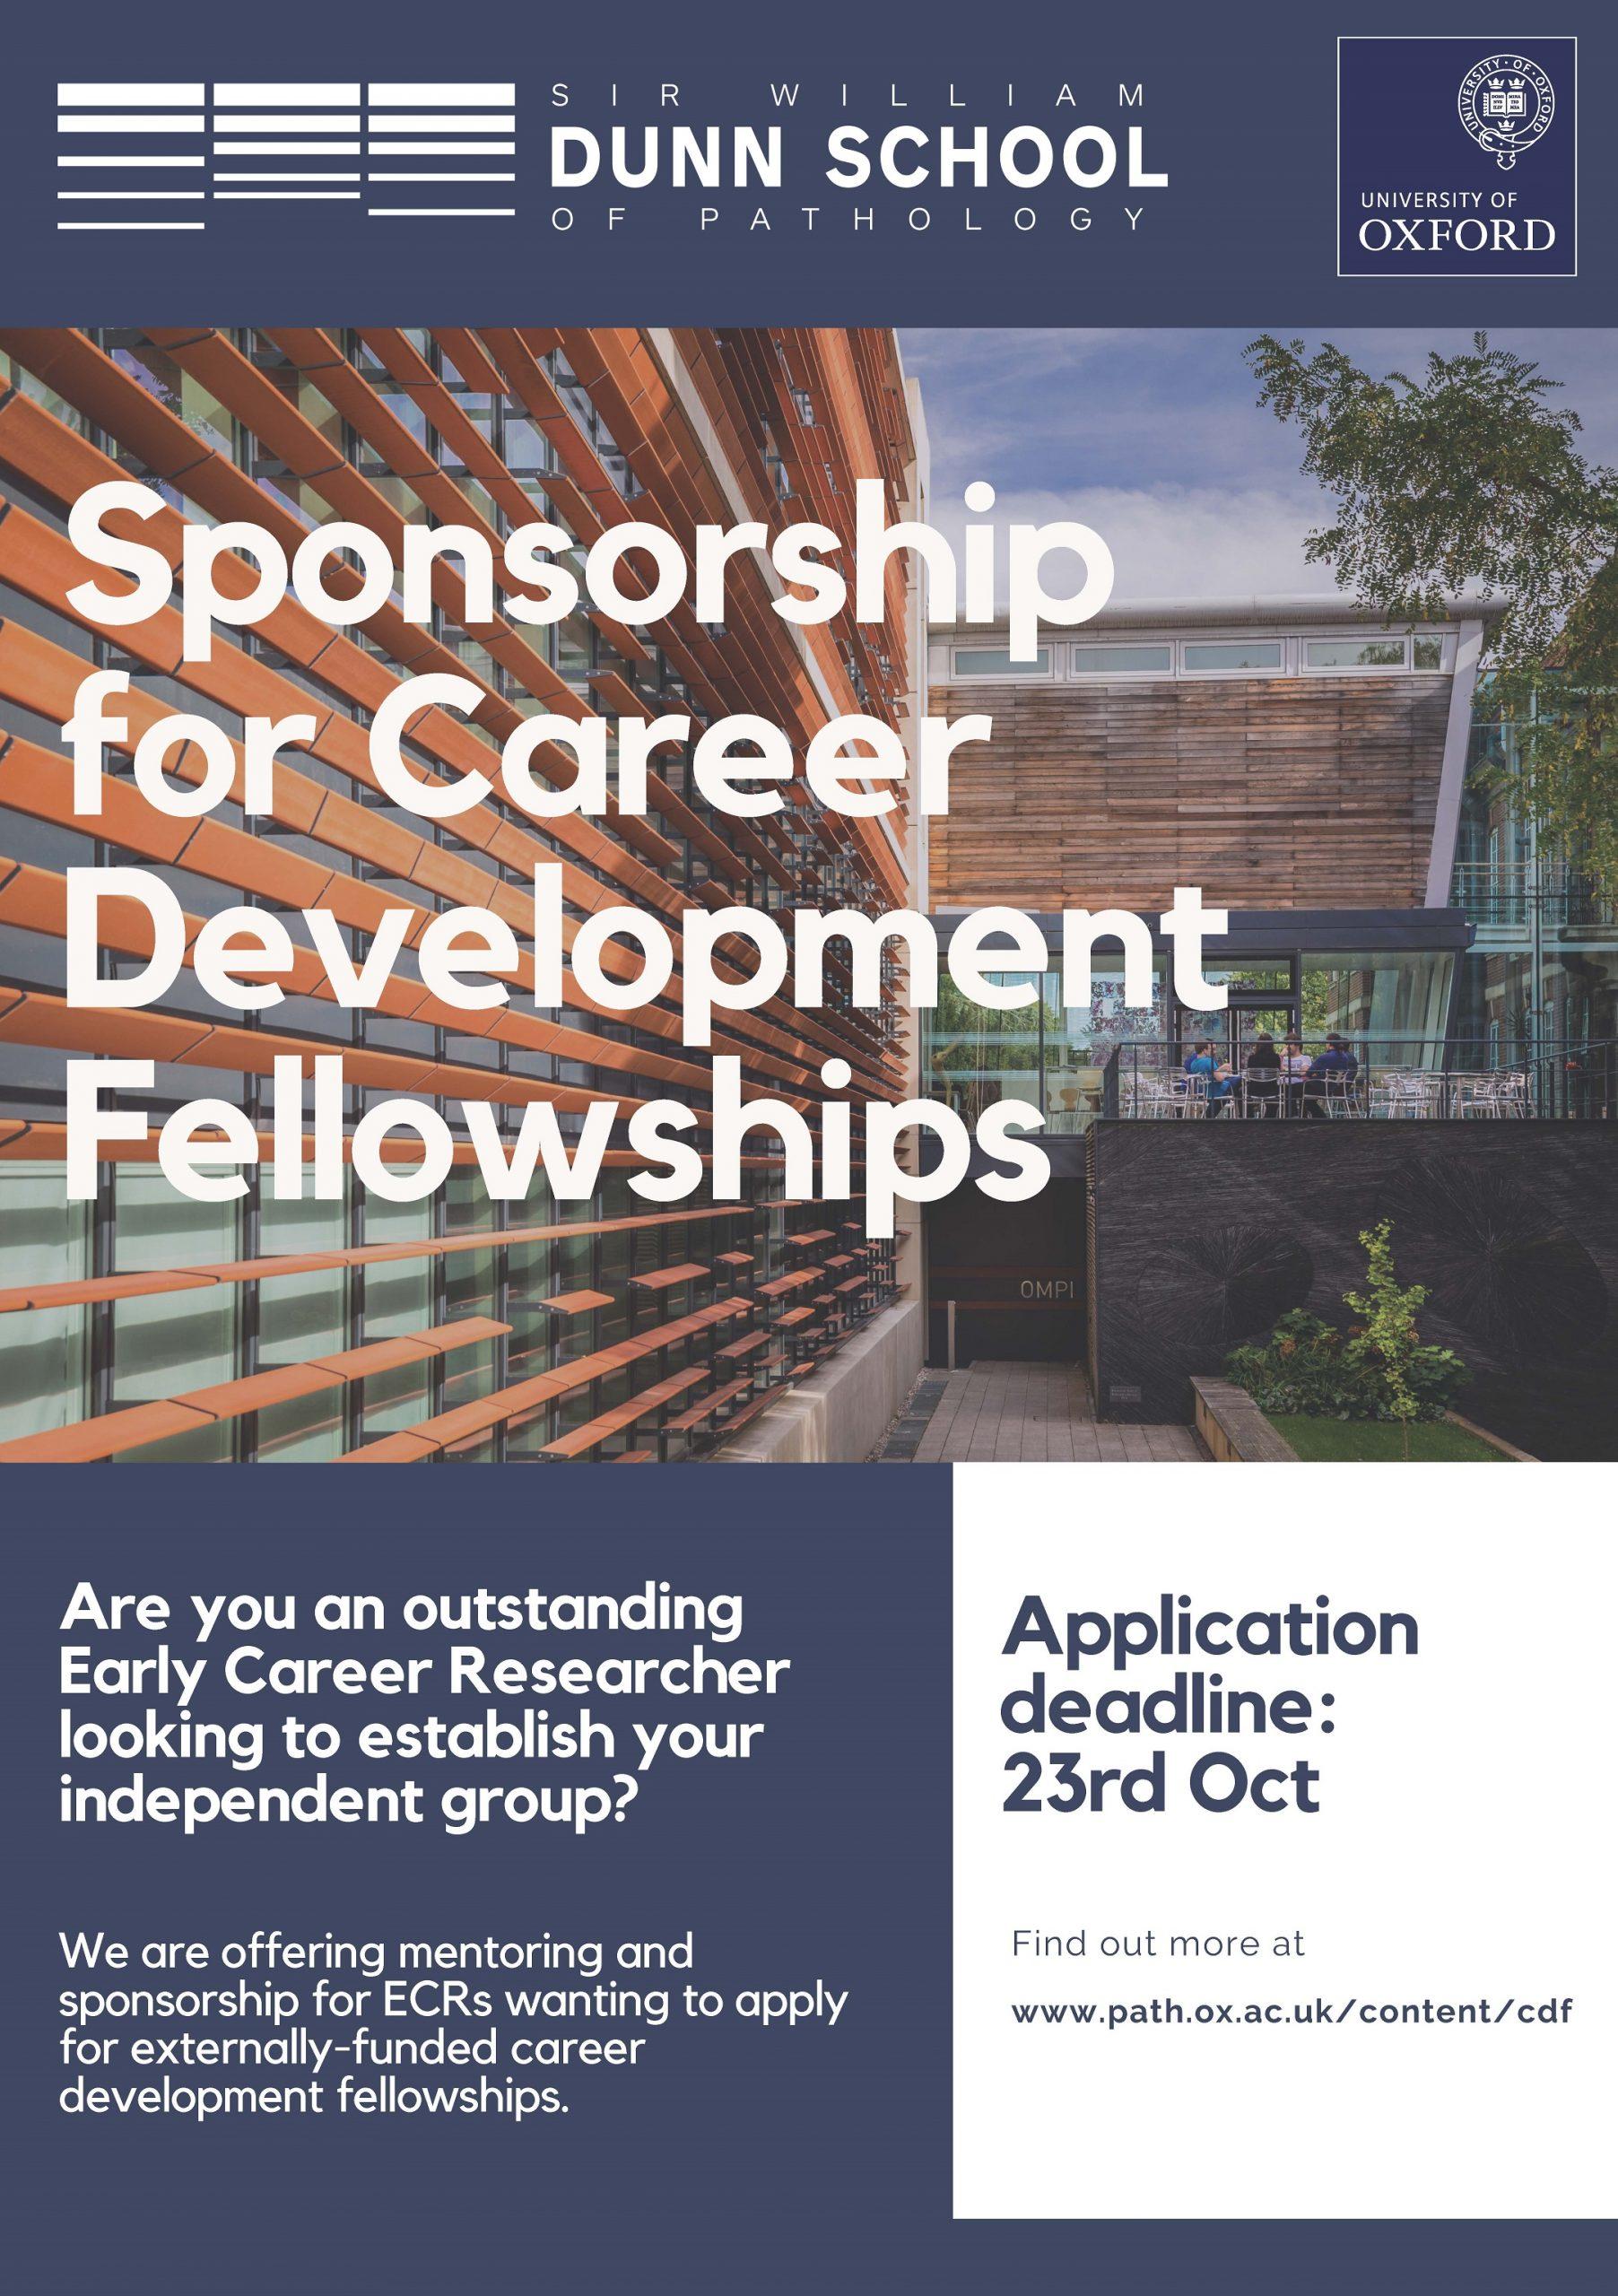 Poster advertising Dunn School's career development fellowships